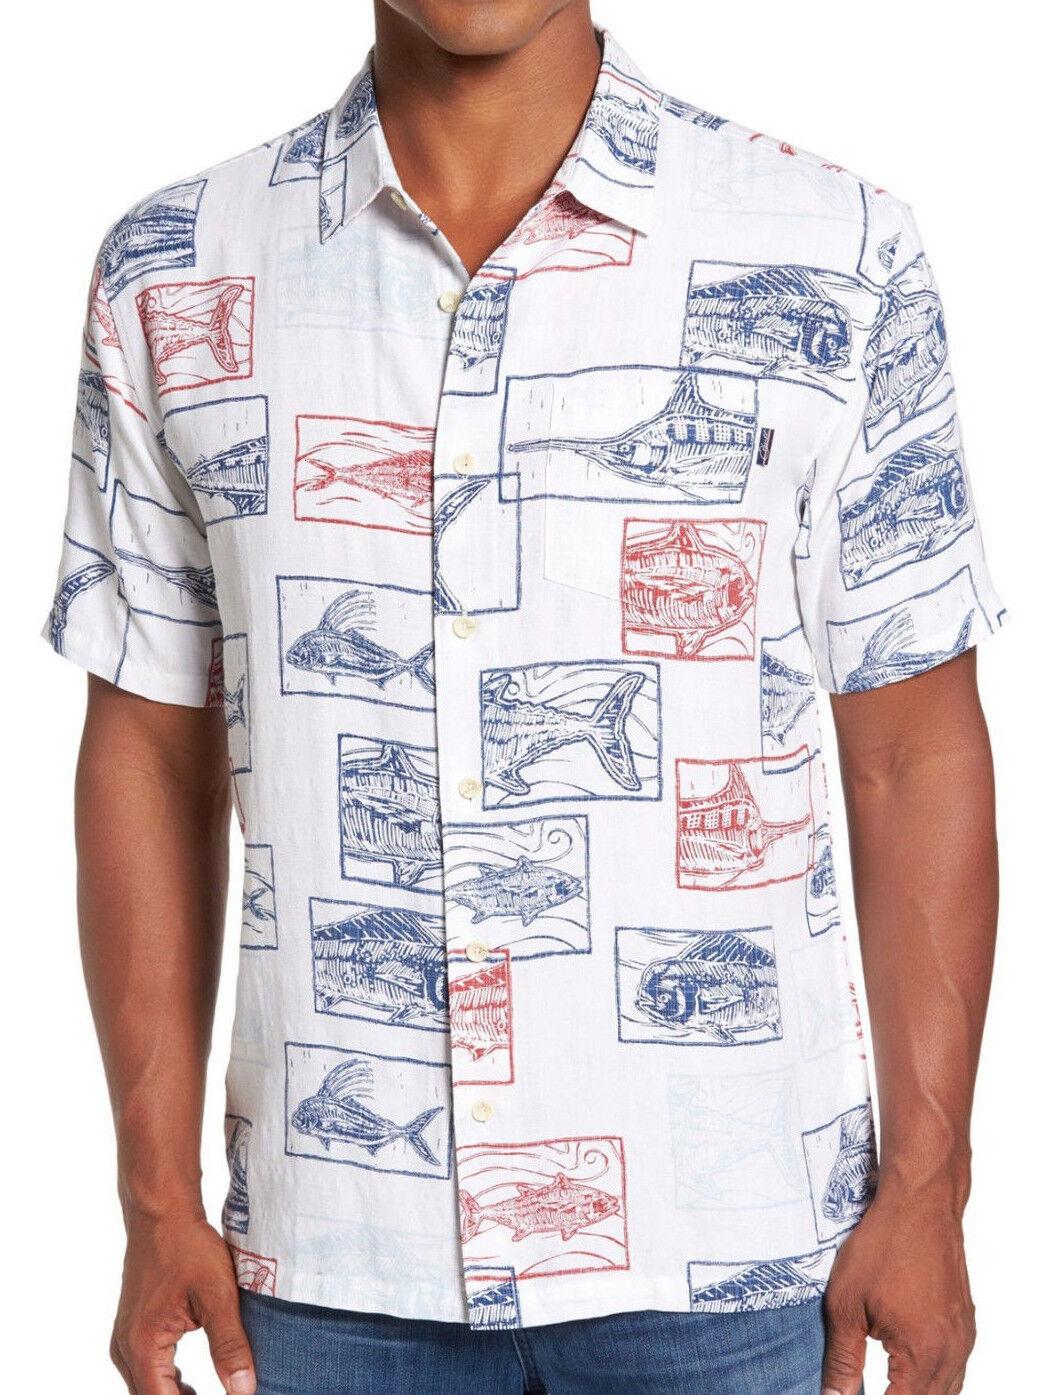 Oneill Men's S S Woven Button-Up Shirt